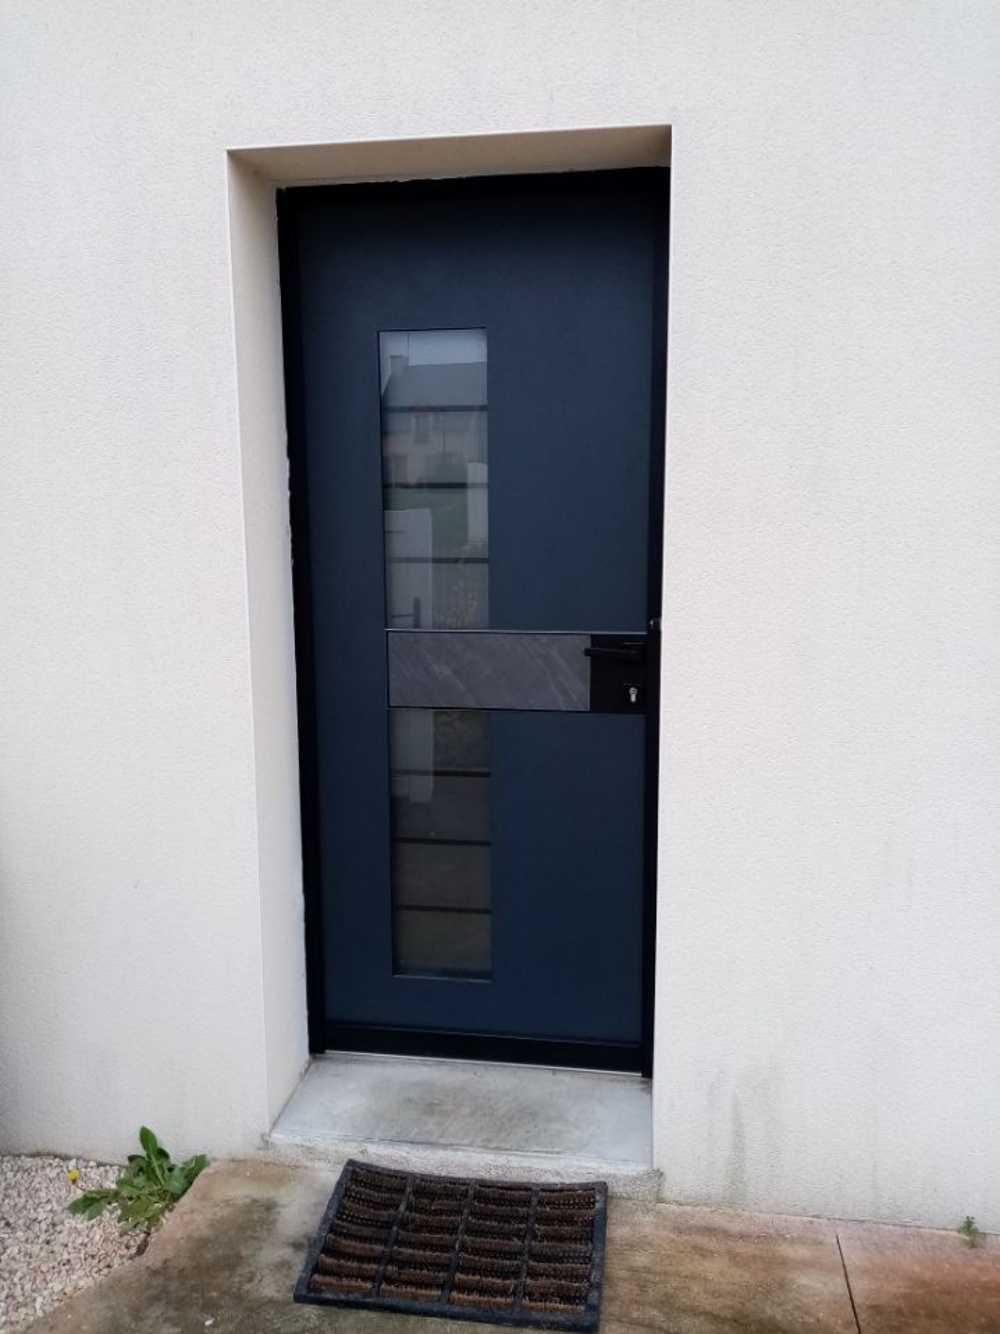 Pose porte d''entrée contemporaine alu / vitrage sablé / métal et pierre 0